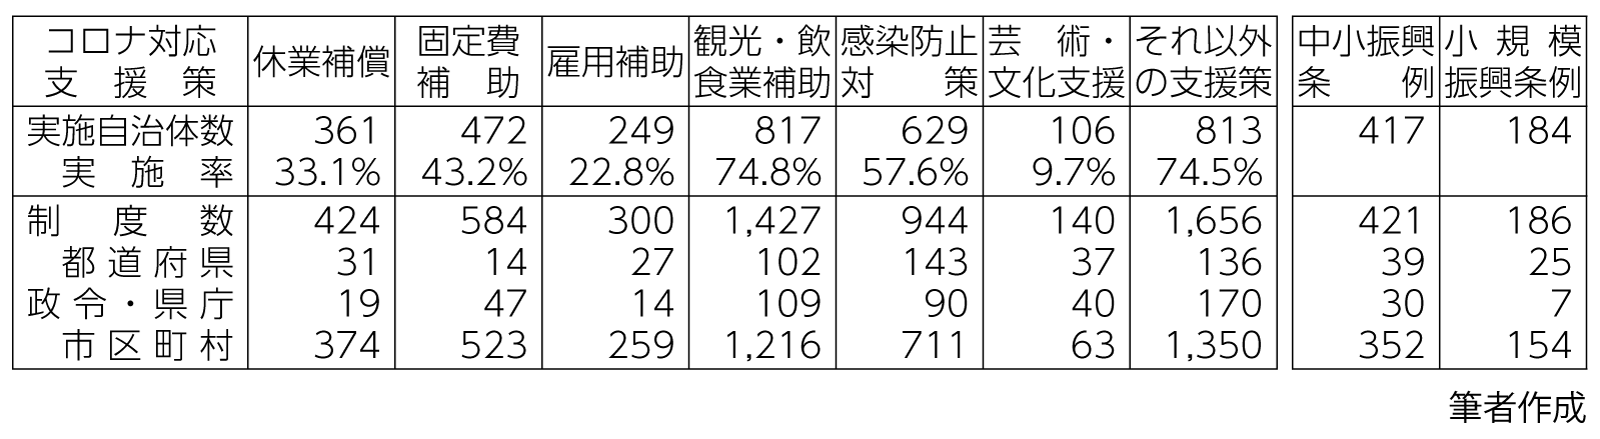 表 「新型コロナウイルスの影響を受ける中小業者への支援策実施状況調査」集計結果表